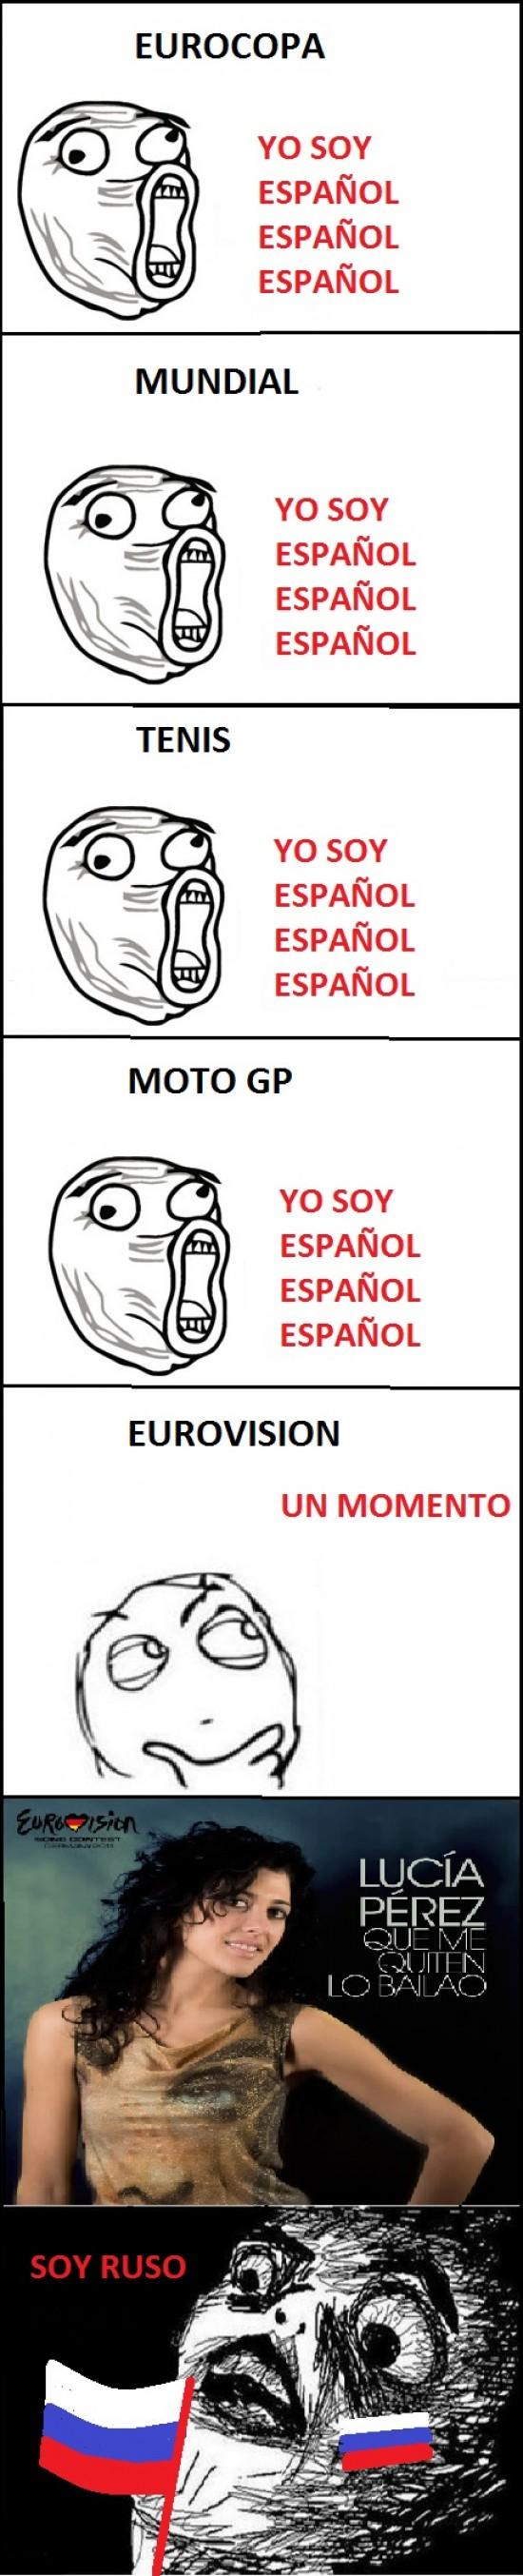 español,eurovision,Lucia,mundial,perez